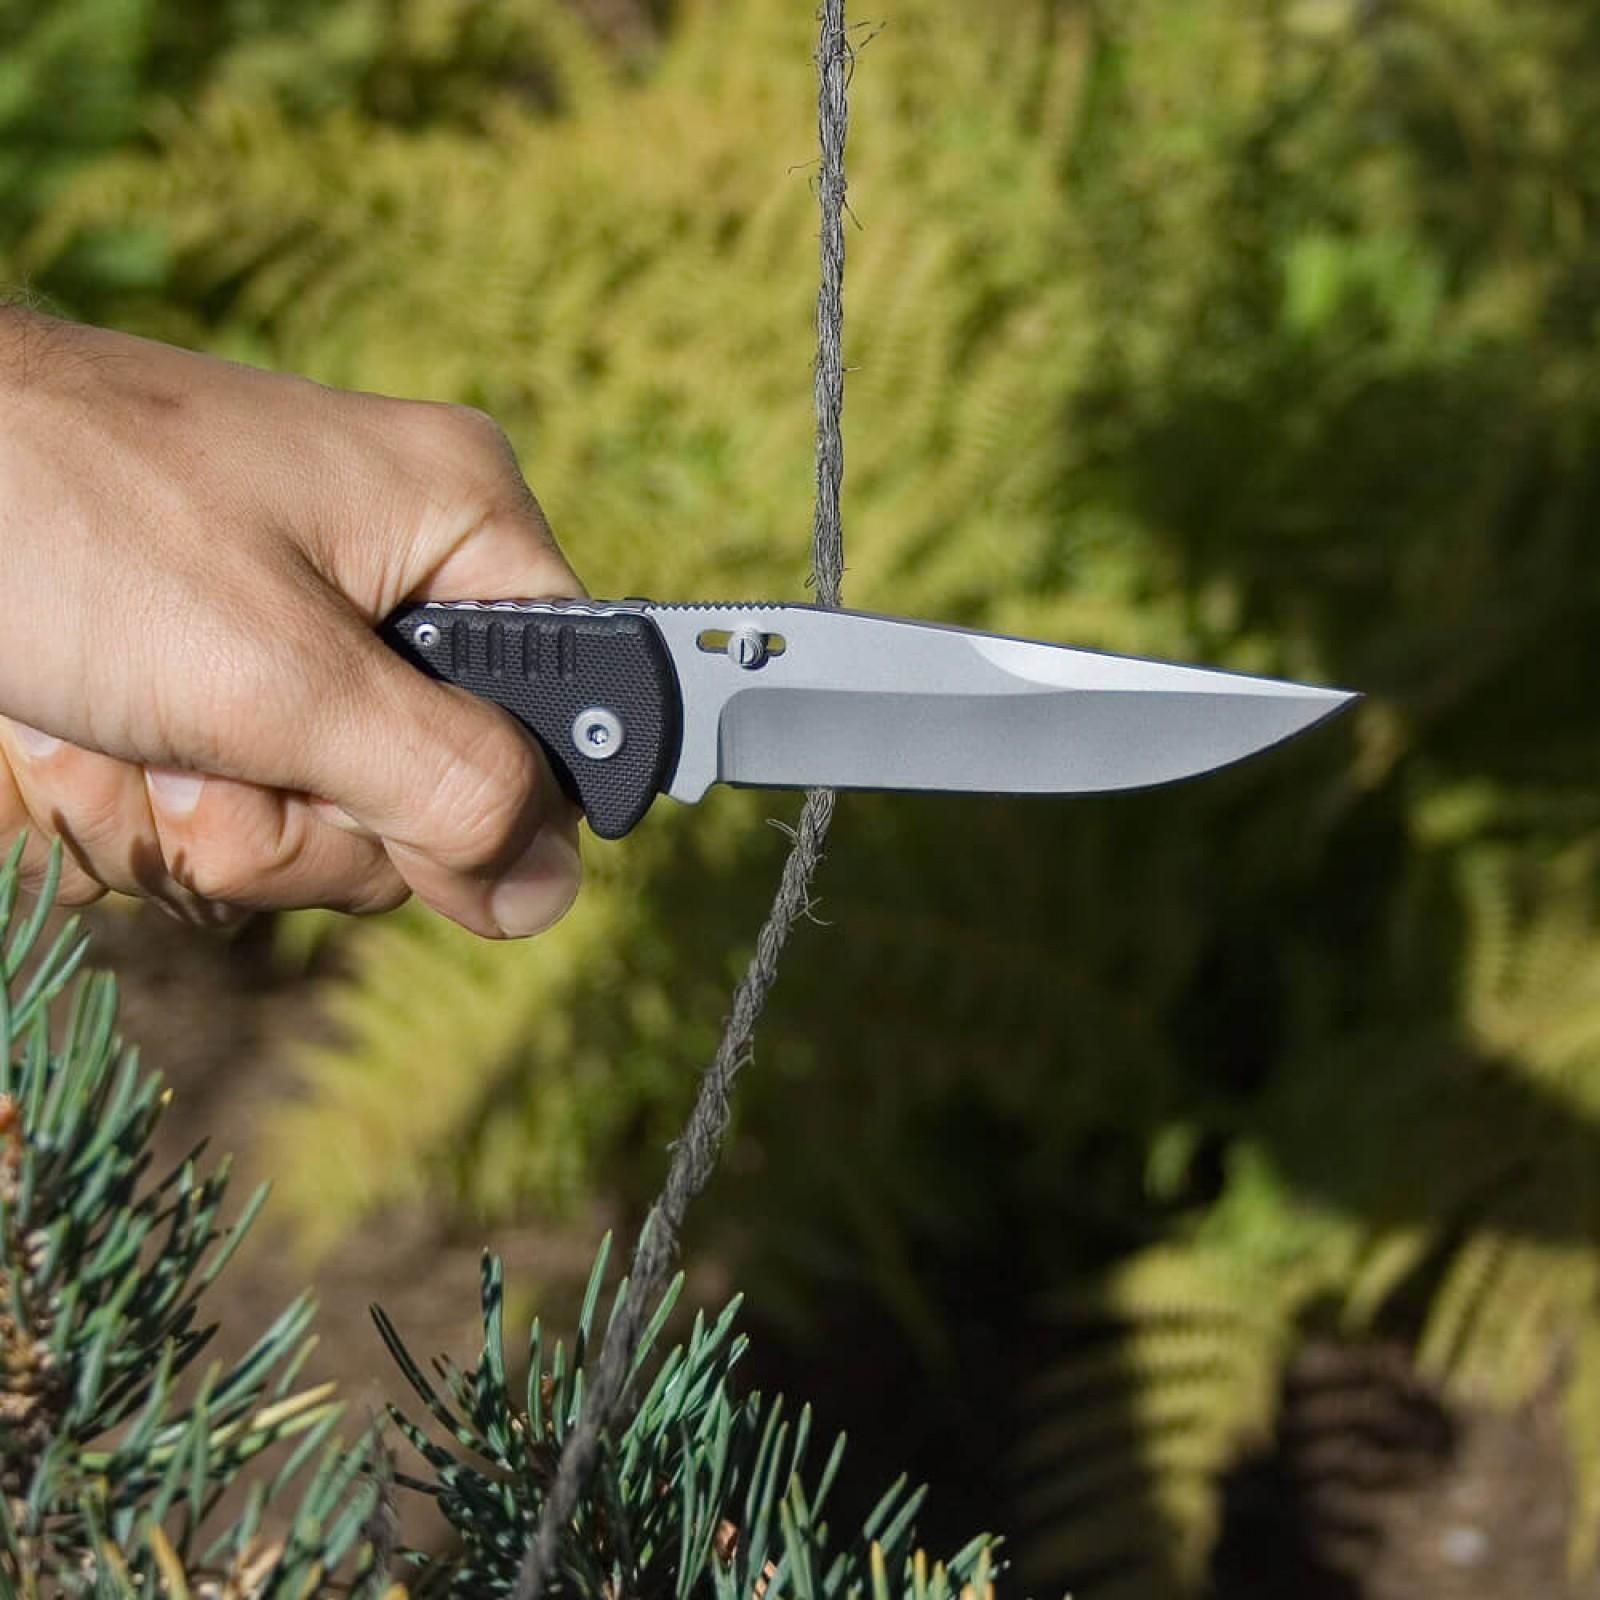 Фото 9 - Складной нож Salute Fusion - SOG FF10, сталь 8Cr13MoV, рукоять G10, чёрный